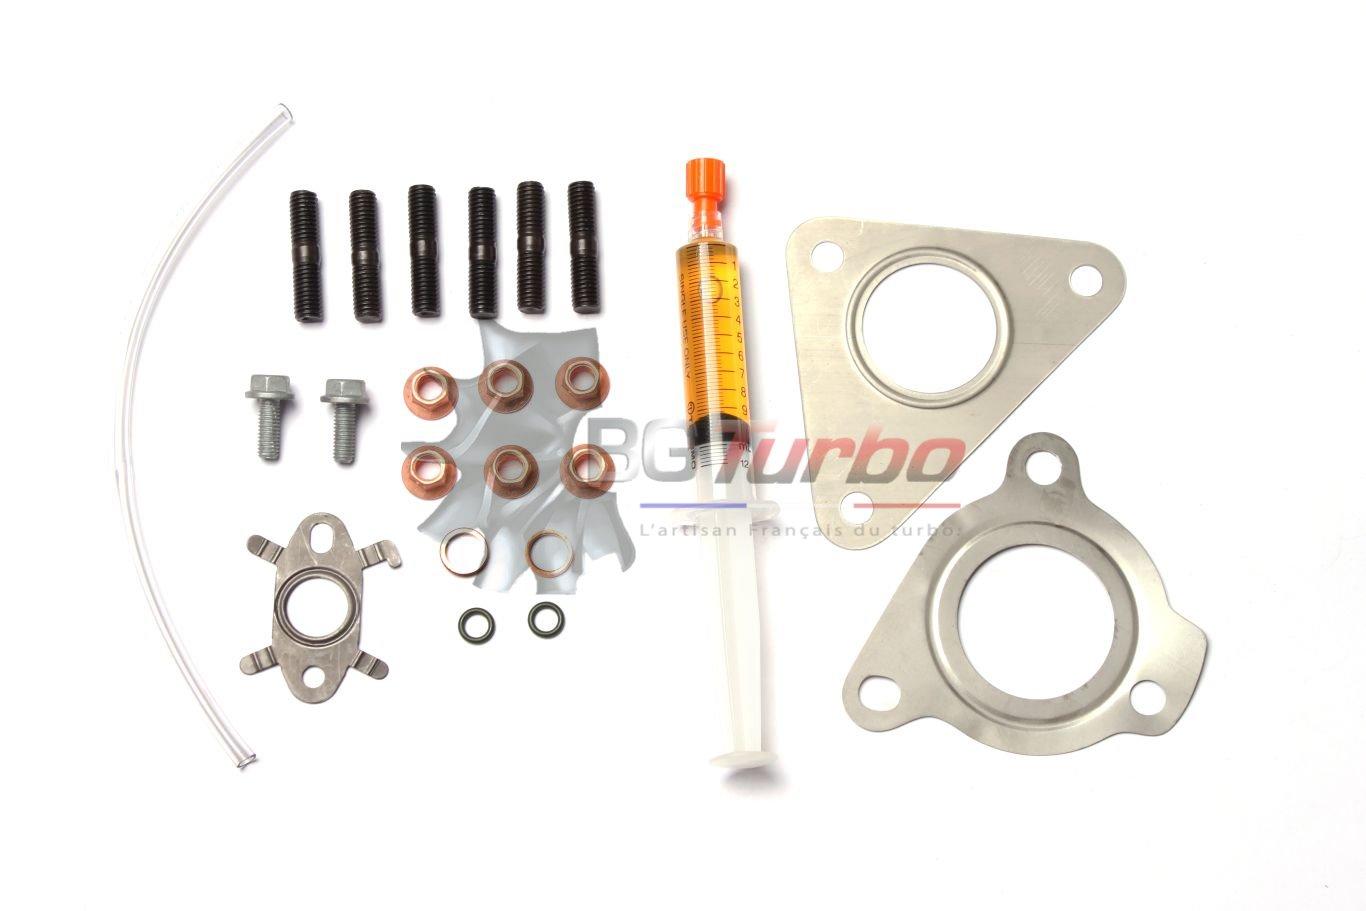 Kit joint turbo 1.9 dci 120 cv 708639